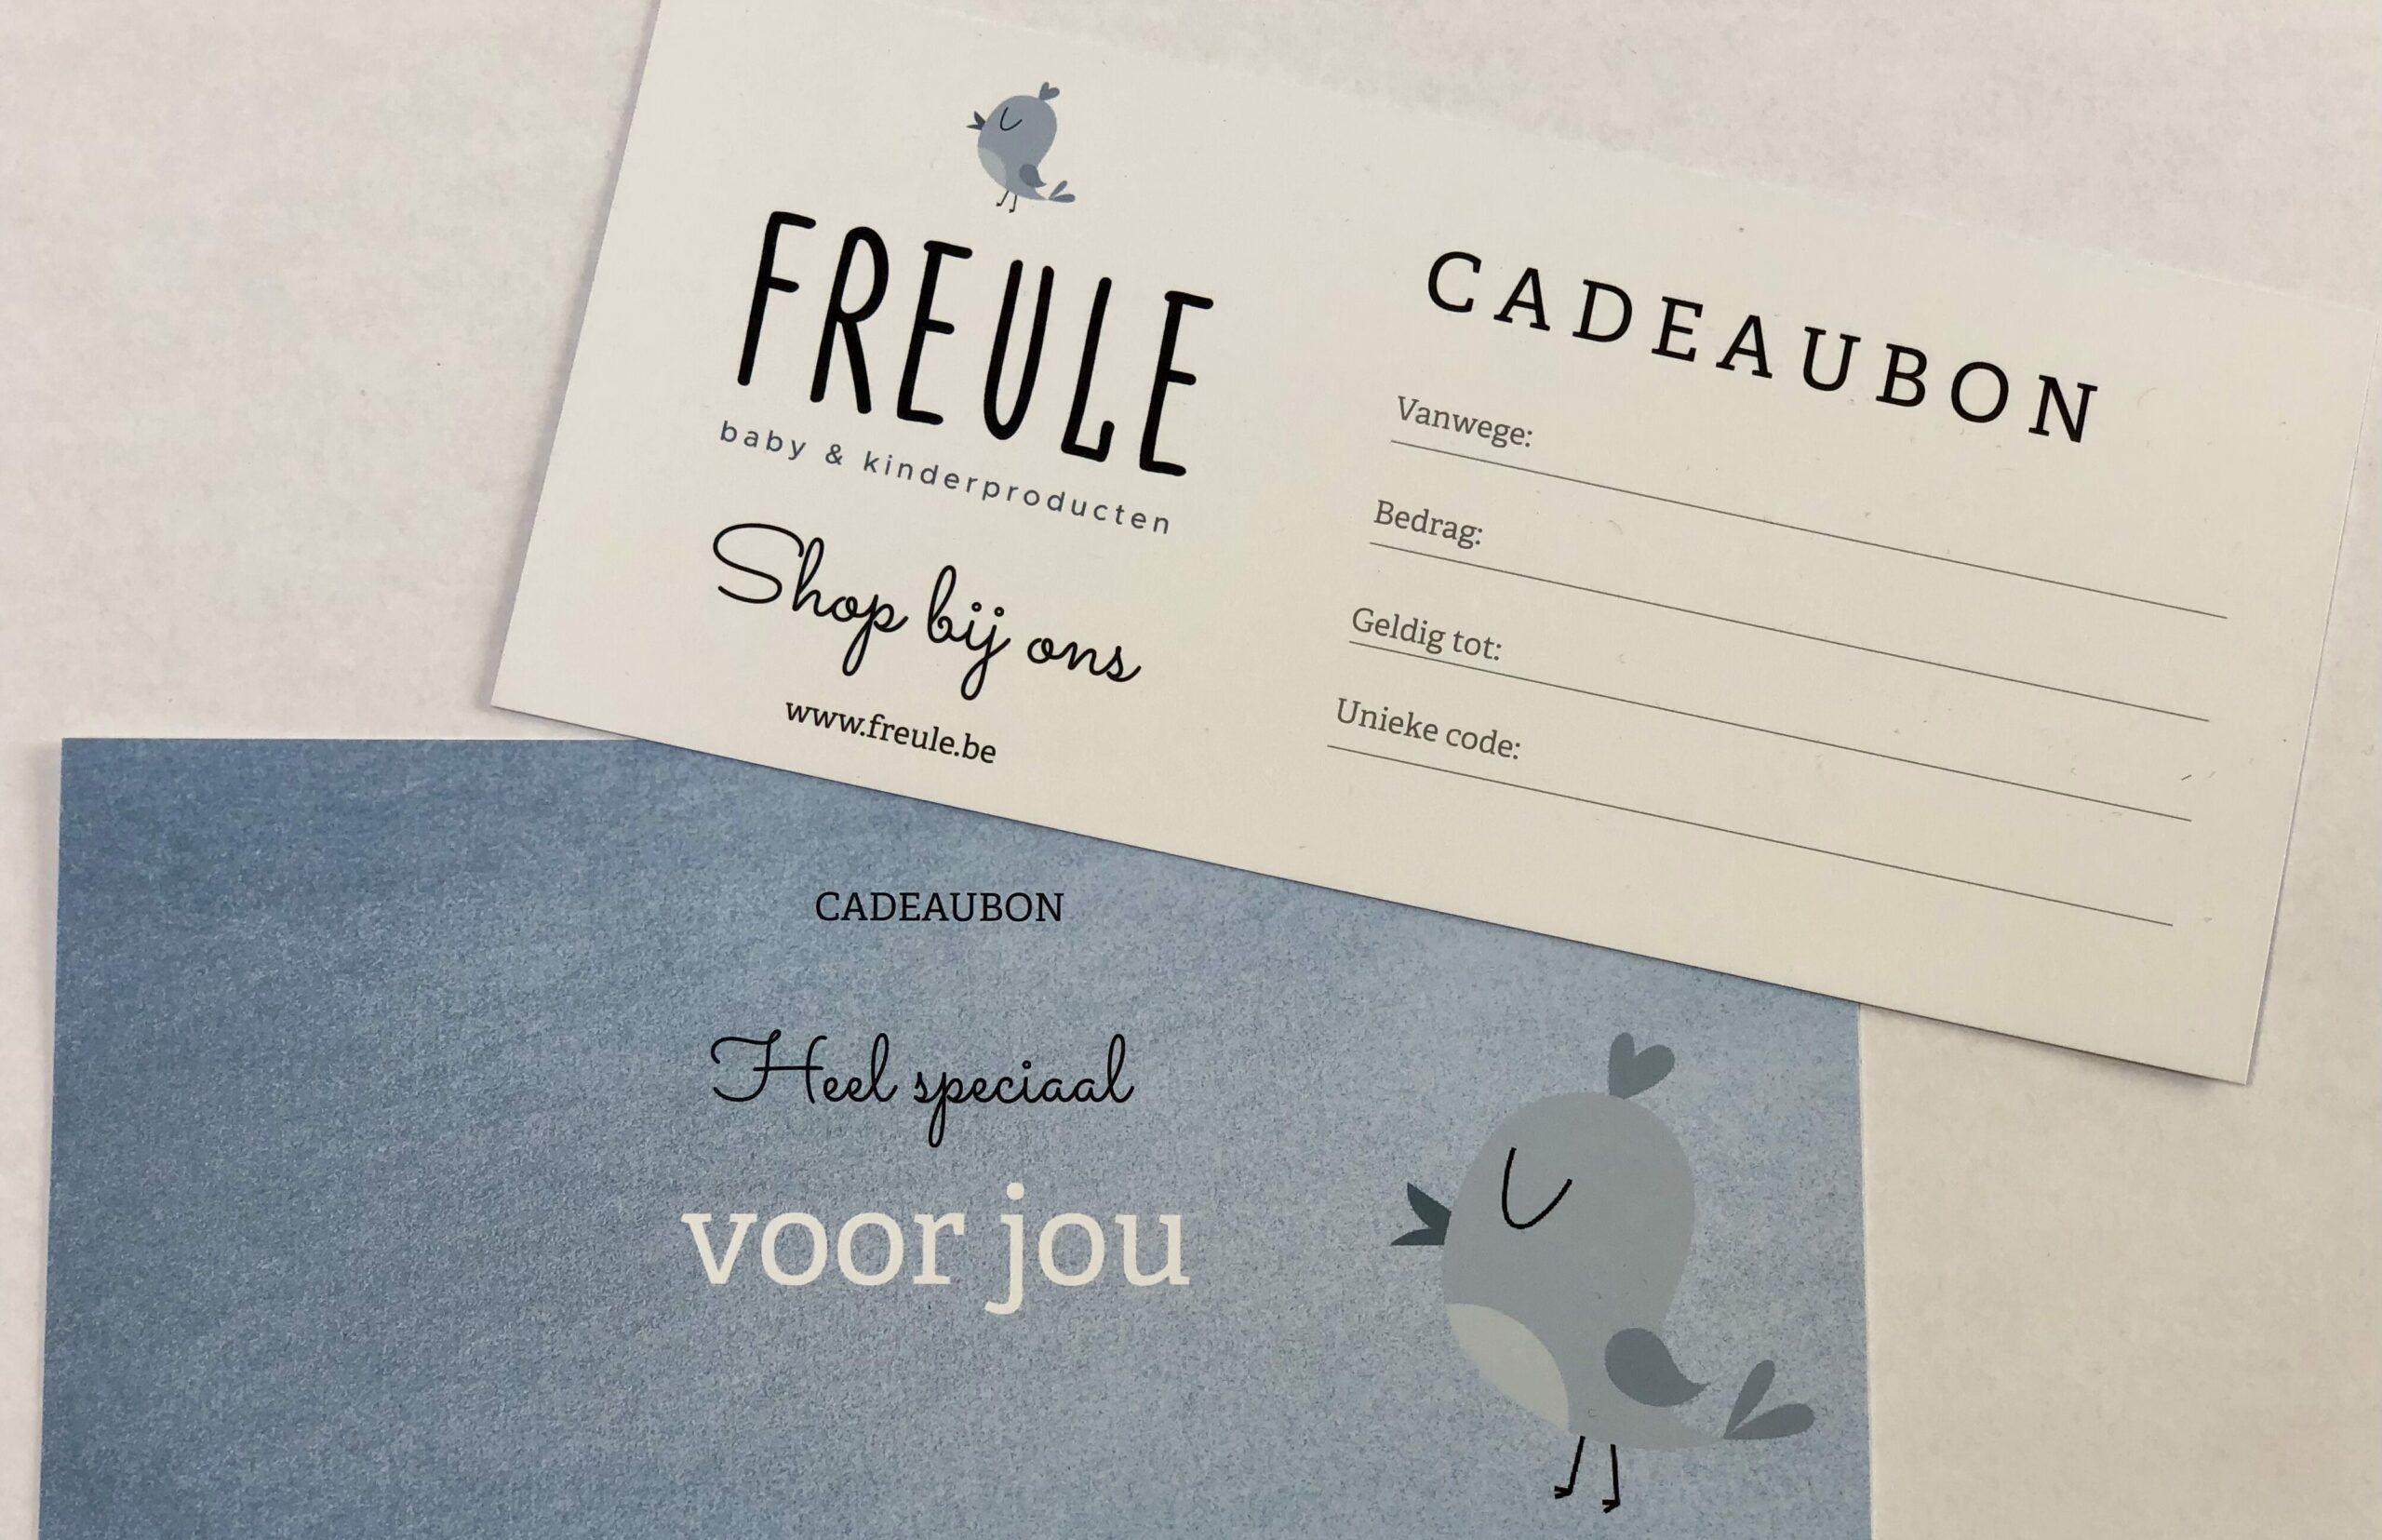 Afbeelding Freule | Dé webshop met de veiligste en leukste baby- en kinderproducten